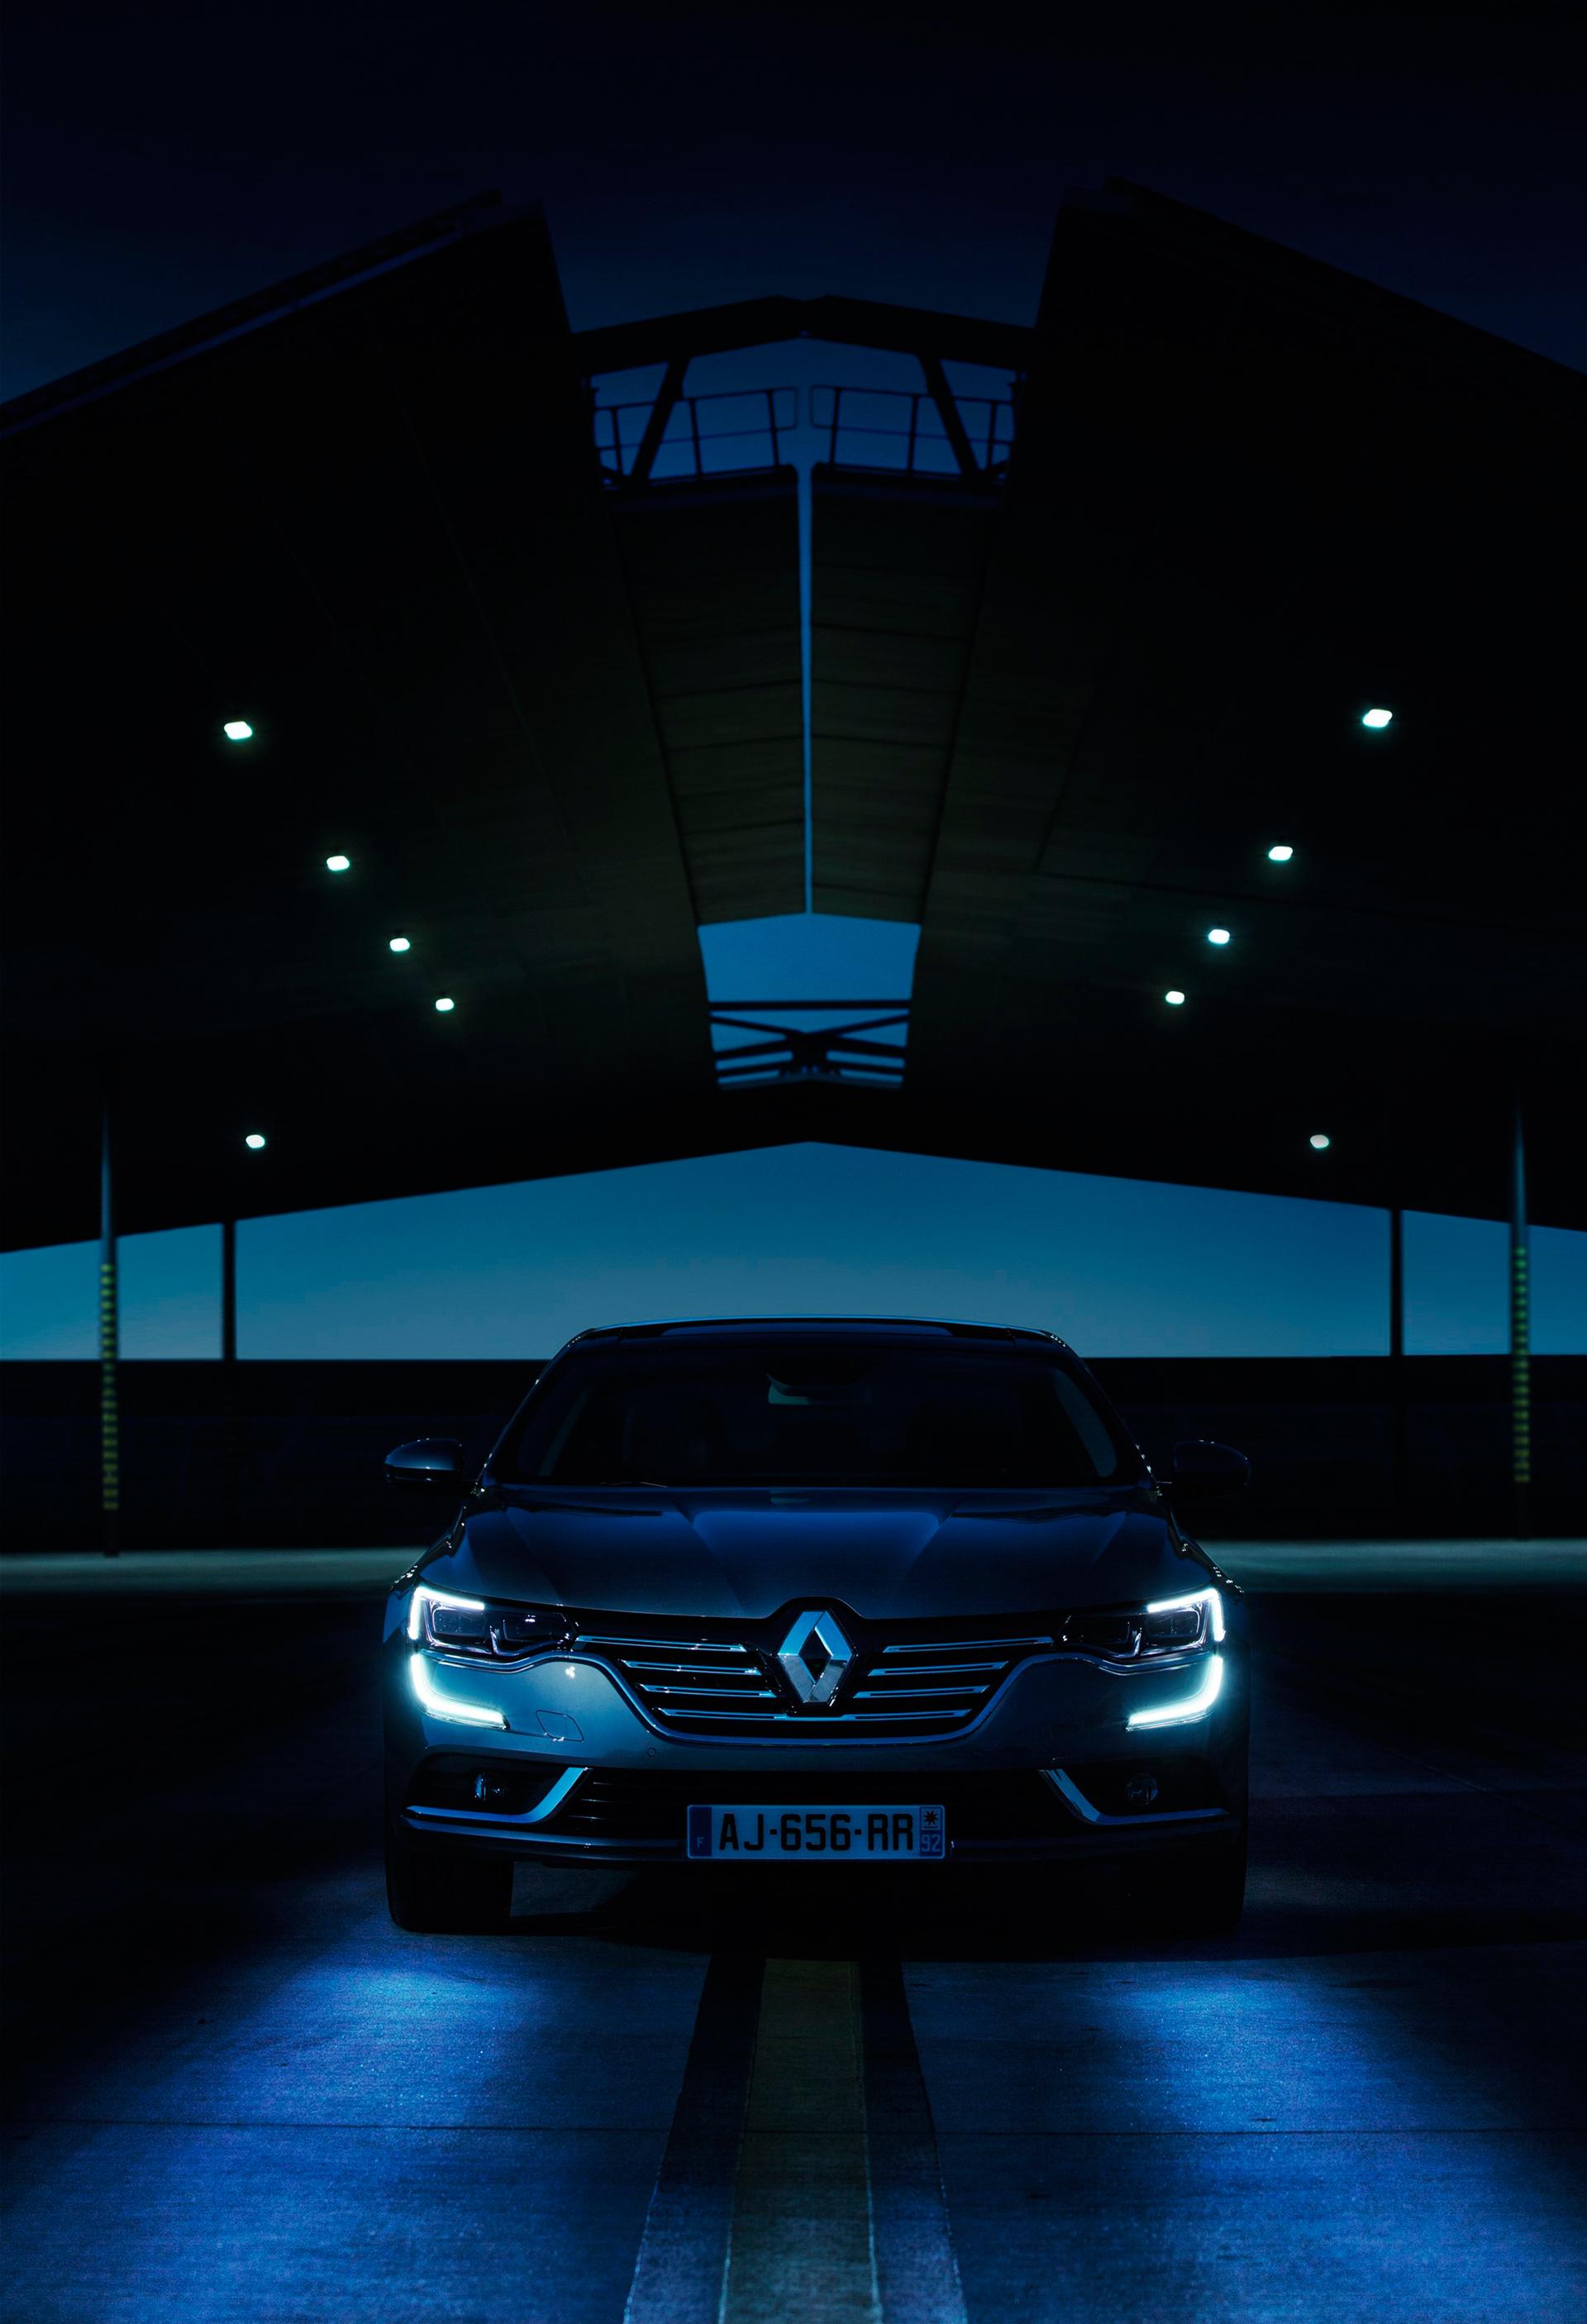 Renault Talisman - 2015 - feux avant / front lights